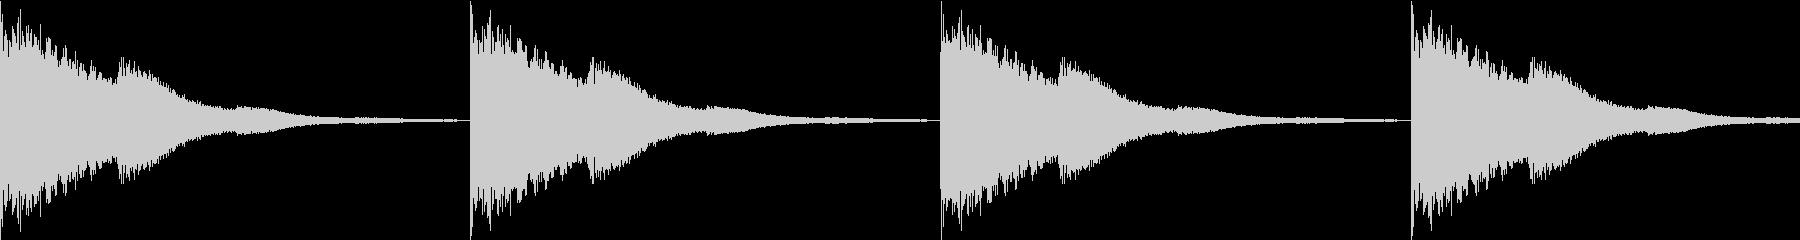 【ループ仕様】館にある鐘の音の未再生の波形